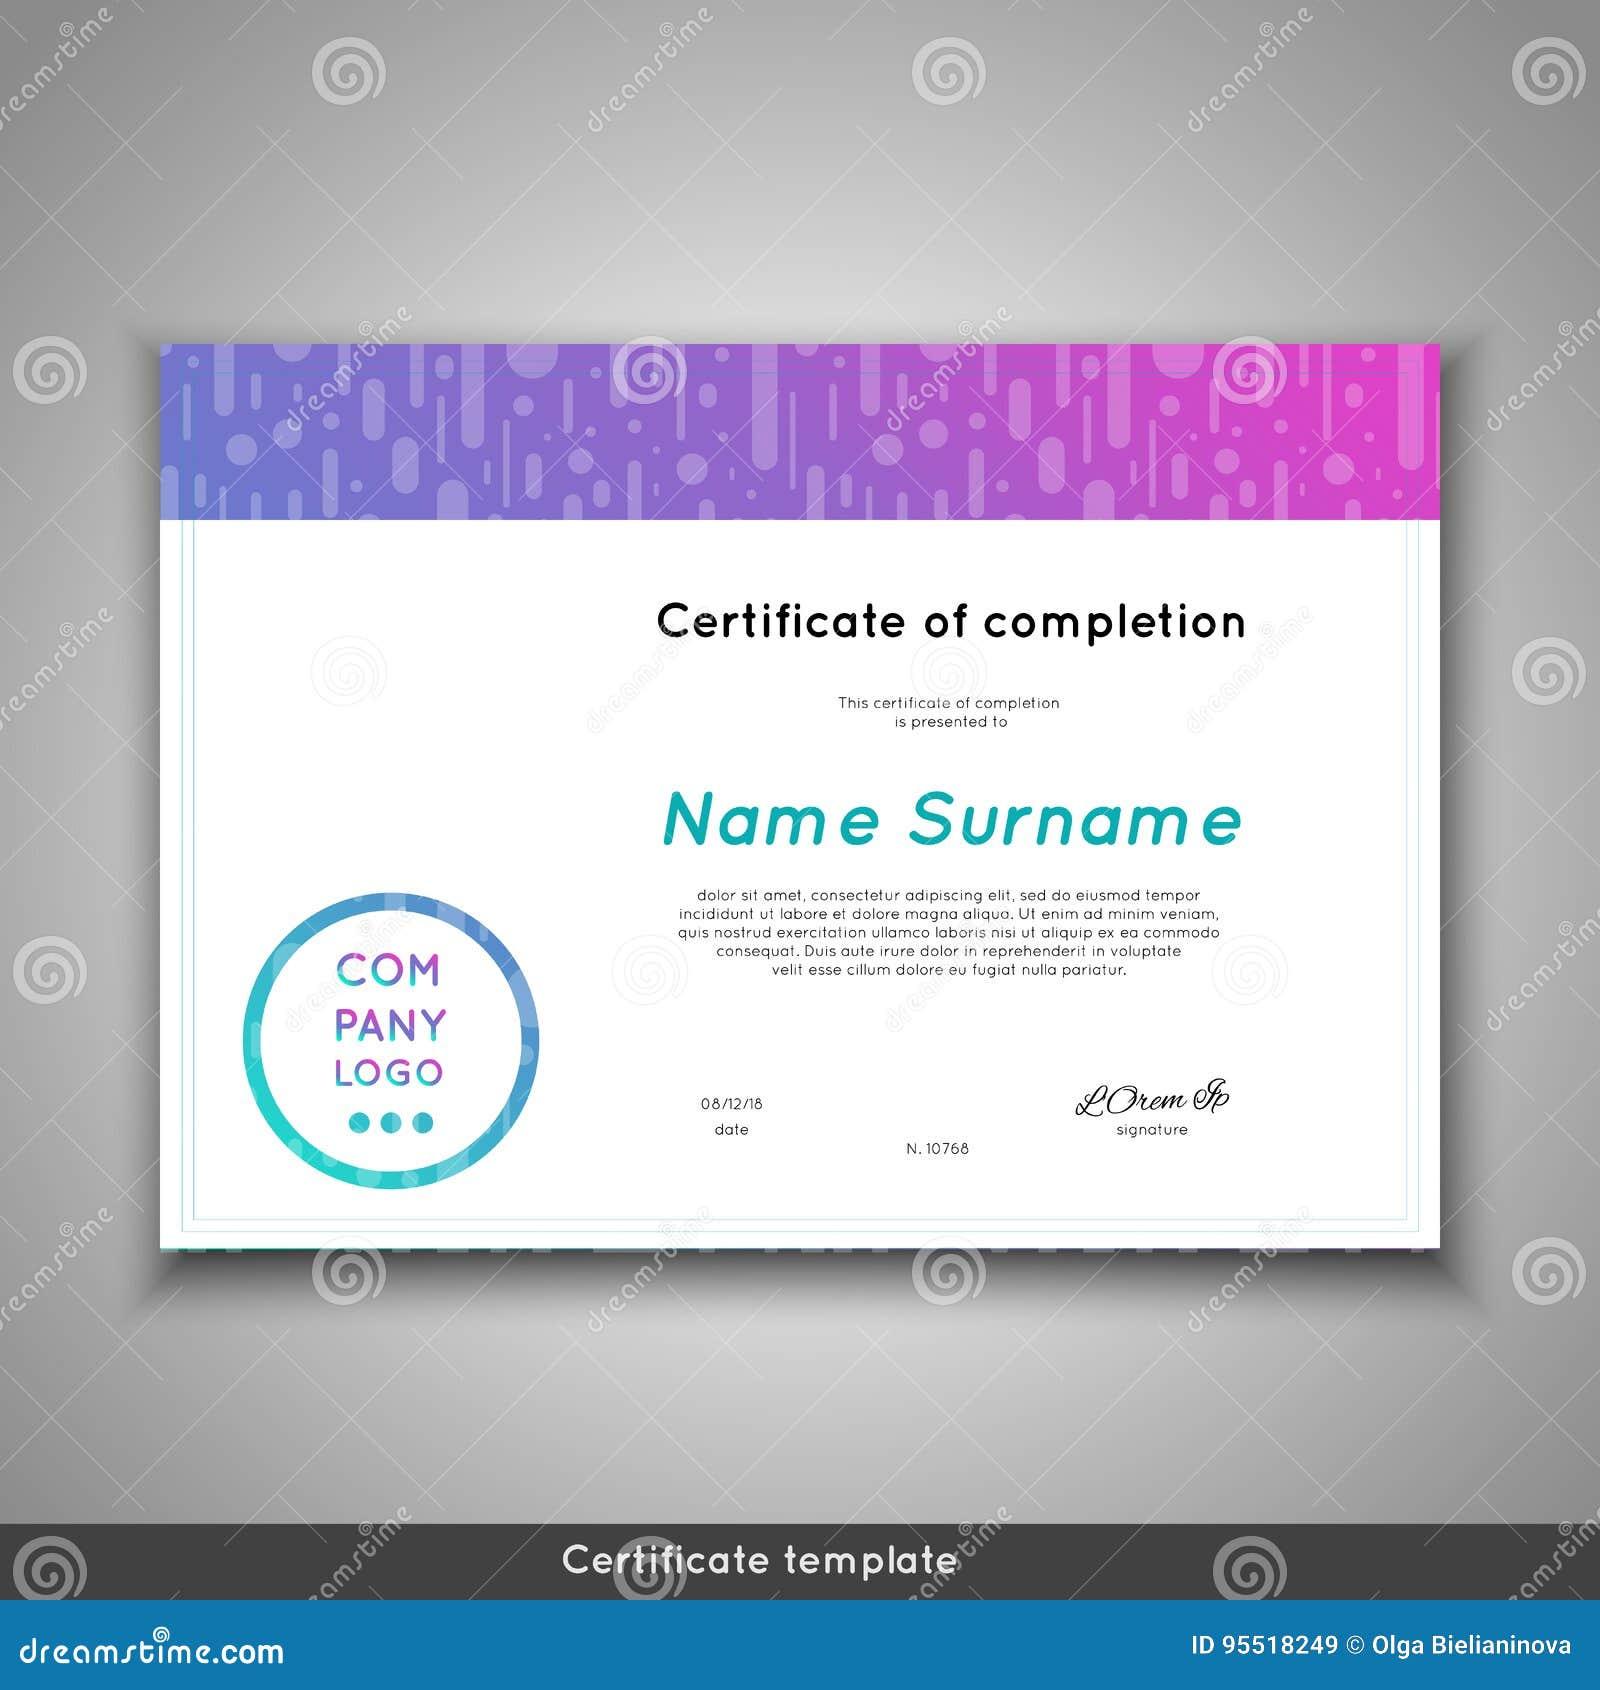 Certificado futurista de realización - aprecio, logro, graduación, diploma o premio - plantilla con divertido